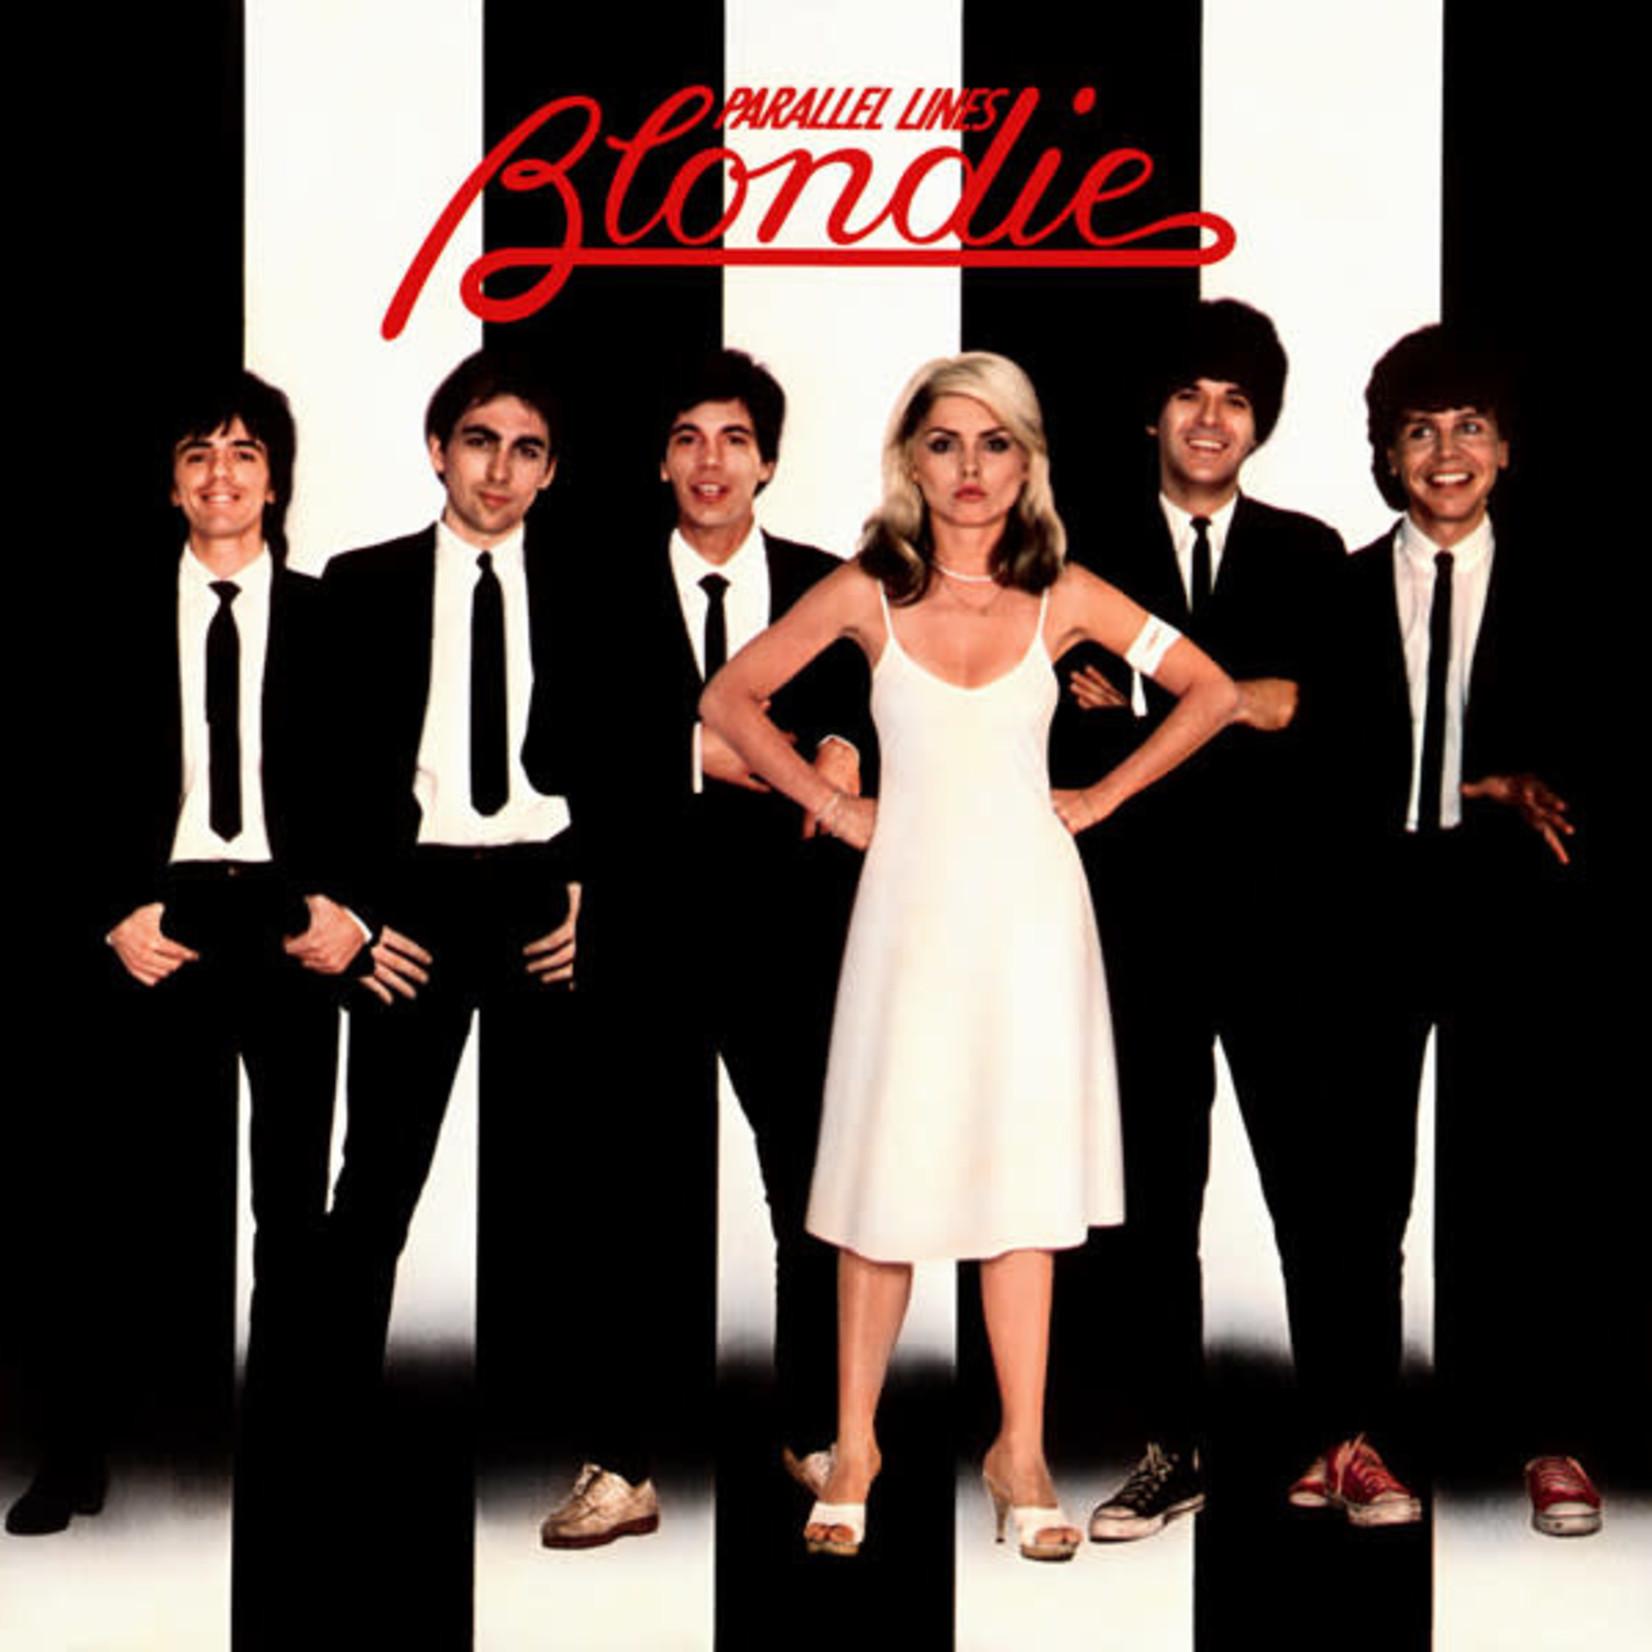 [Vintage] Blondie: Parallel Lines